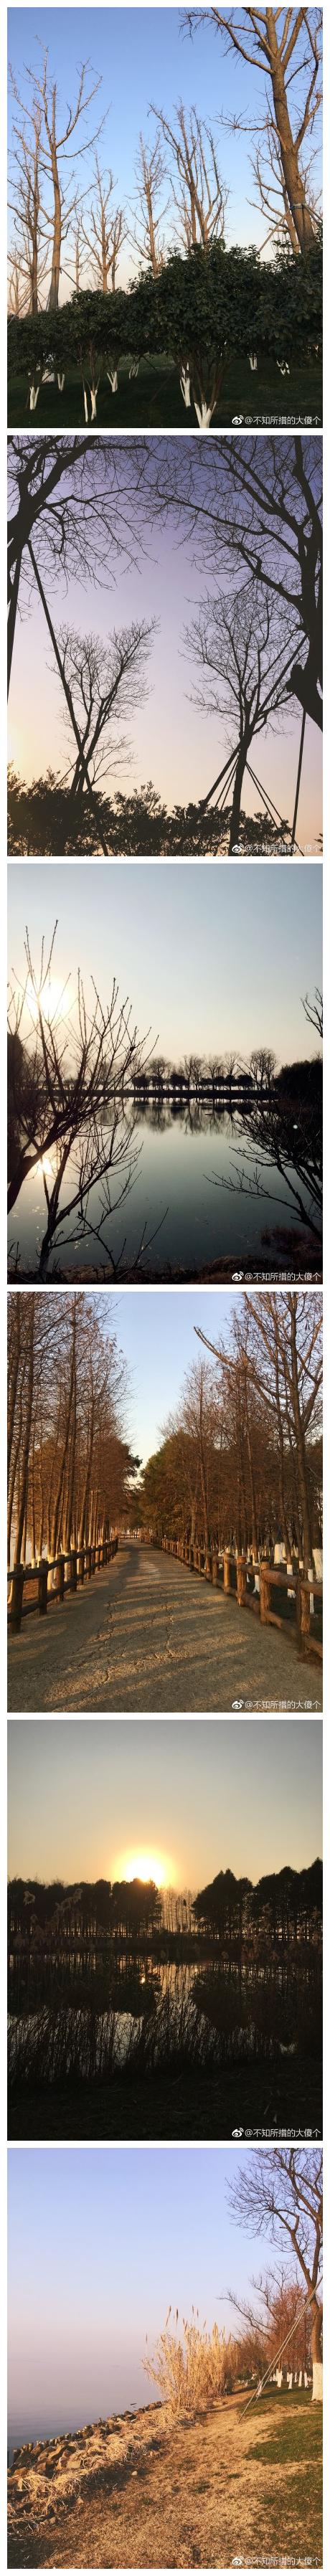 第一次来阳澄湖,真心贼美啊!最近忙着准备期末,好久没更新了啊,赶紧趁老师不在,赶紧给你们更新下。[挤眼][挤眼][挤眼]